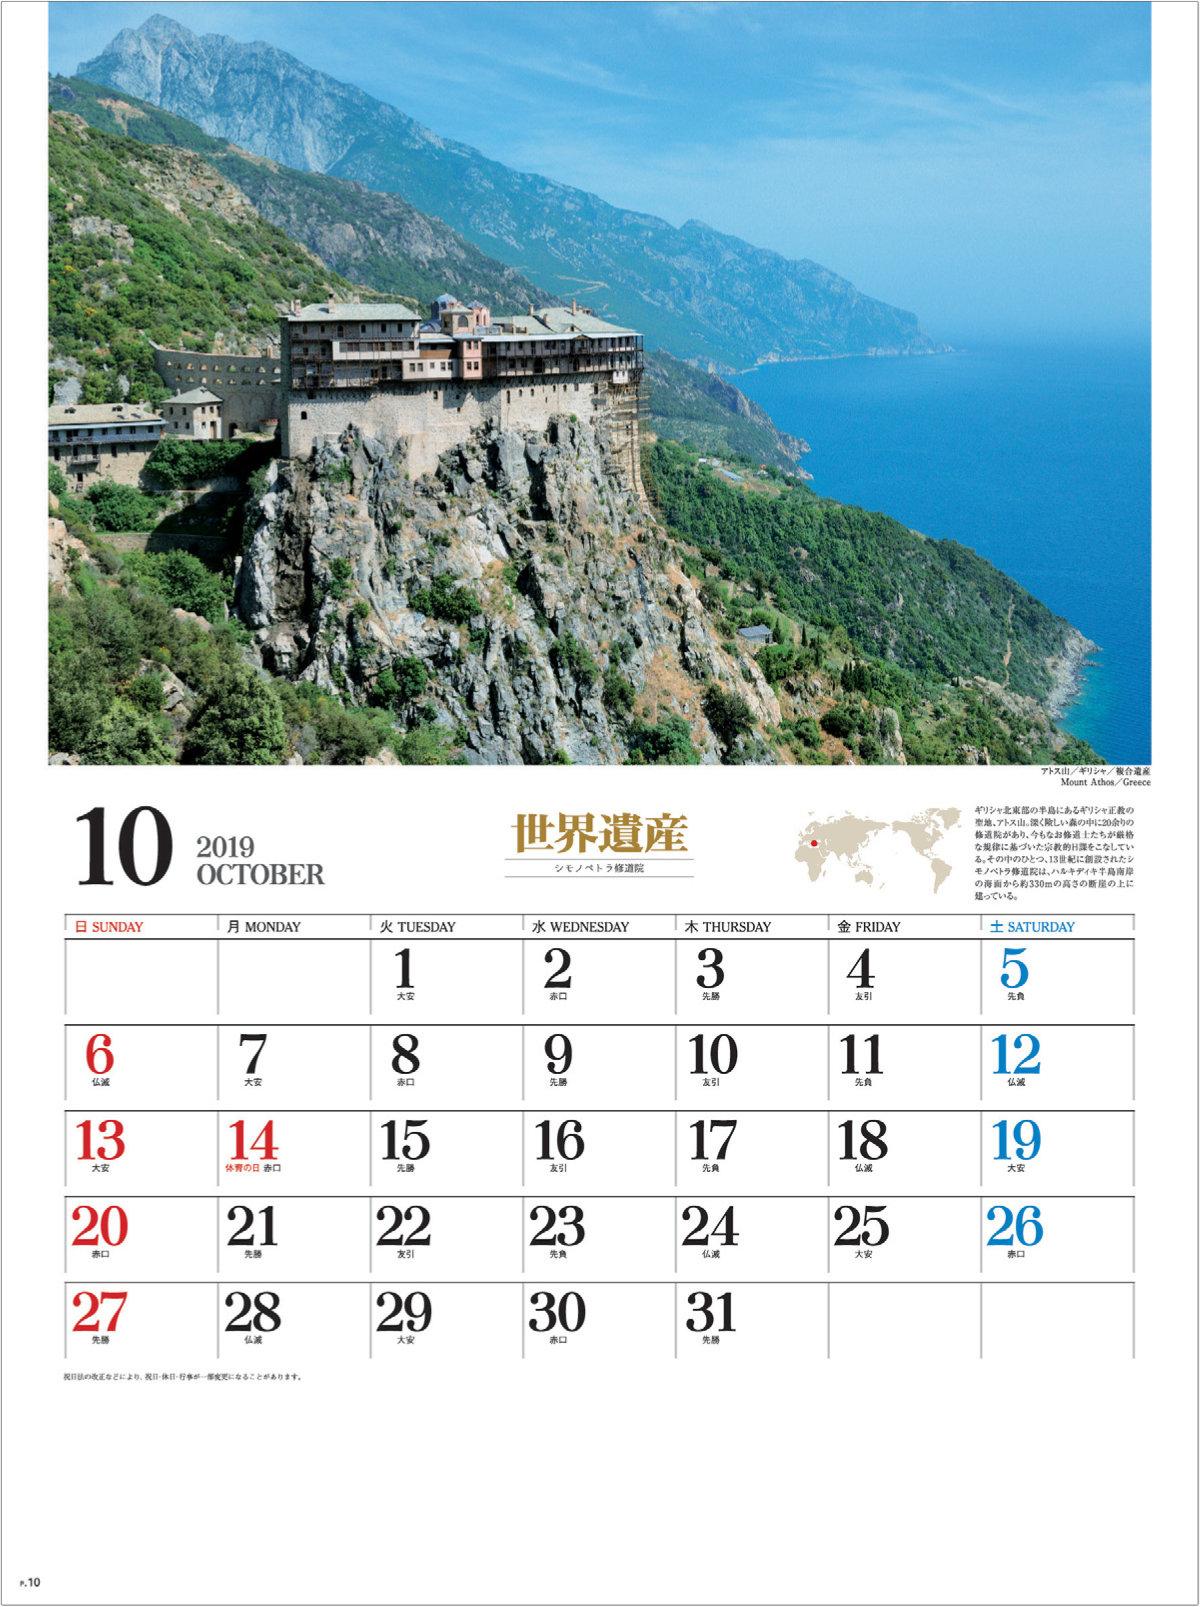 画像:ギリシャのアトス山 ユネスコ世界遺産 2019年カレンダー